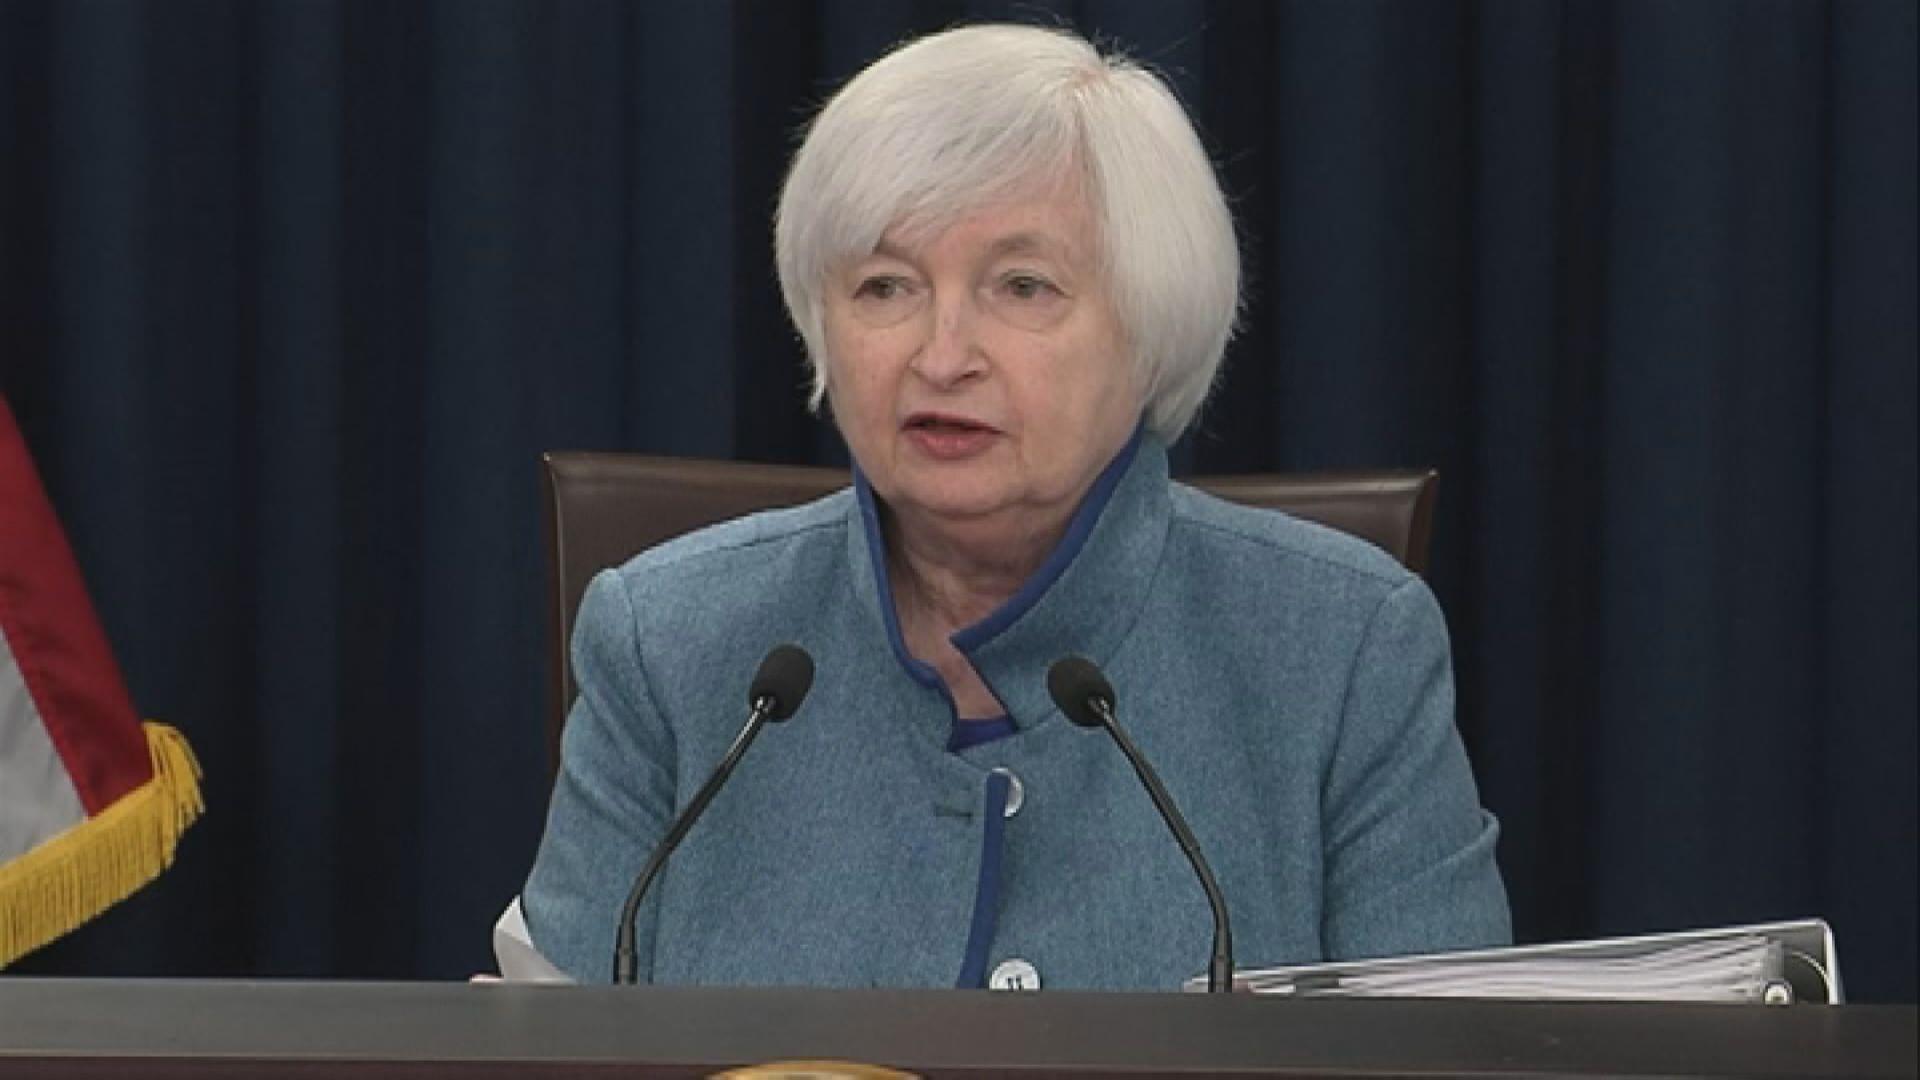 耶倫擔心美國經濟過熱 利率應加至中性水平